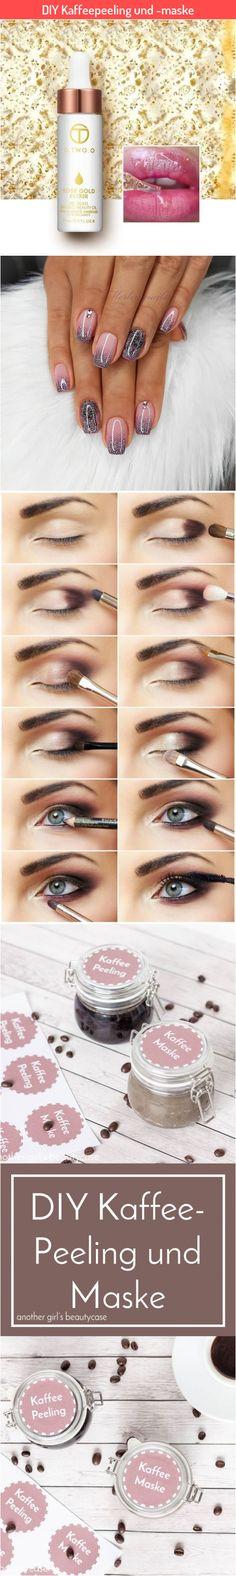 DIY Kaffeepeeling und -maske Best Makeup Primer, Best Makeup Products, Peeling, Wedding Rings, Engagement Rings, Jewelry, Masks, Kaffee, Enagement Rings